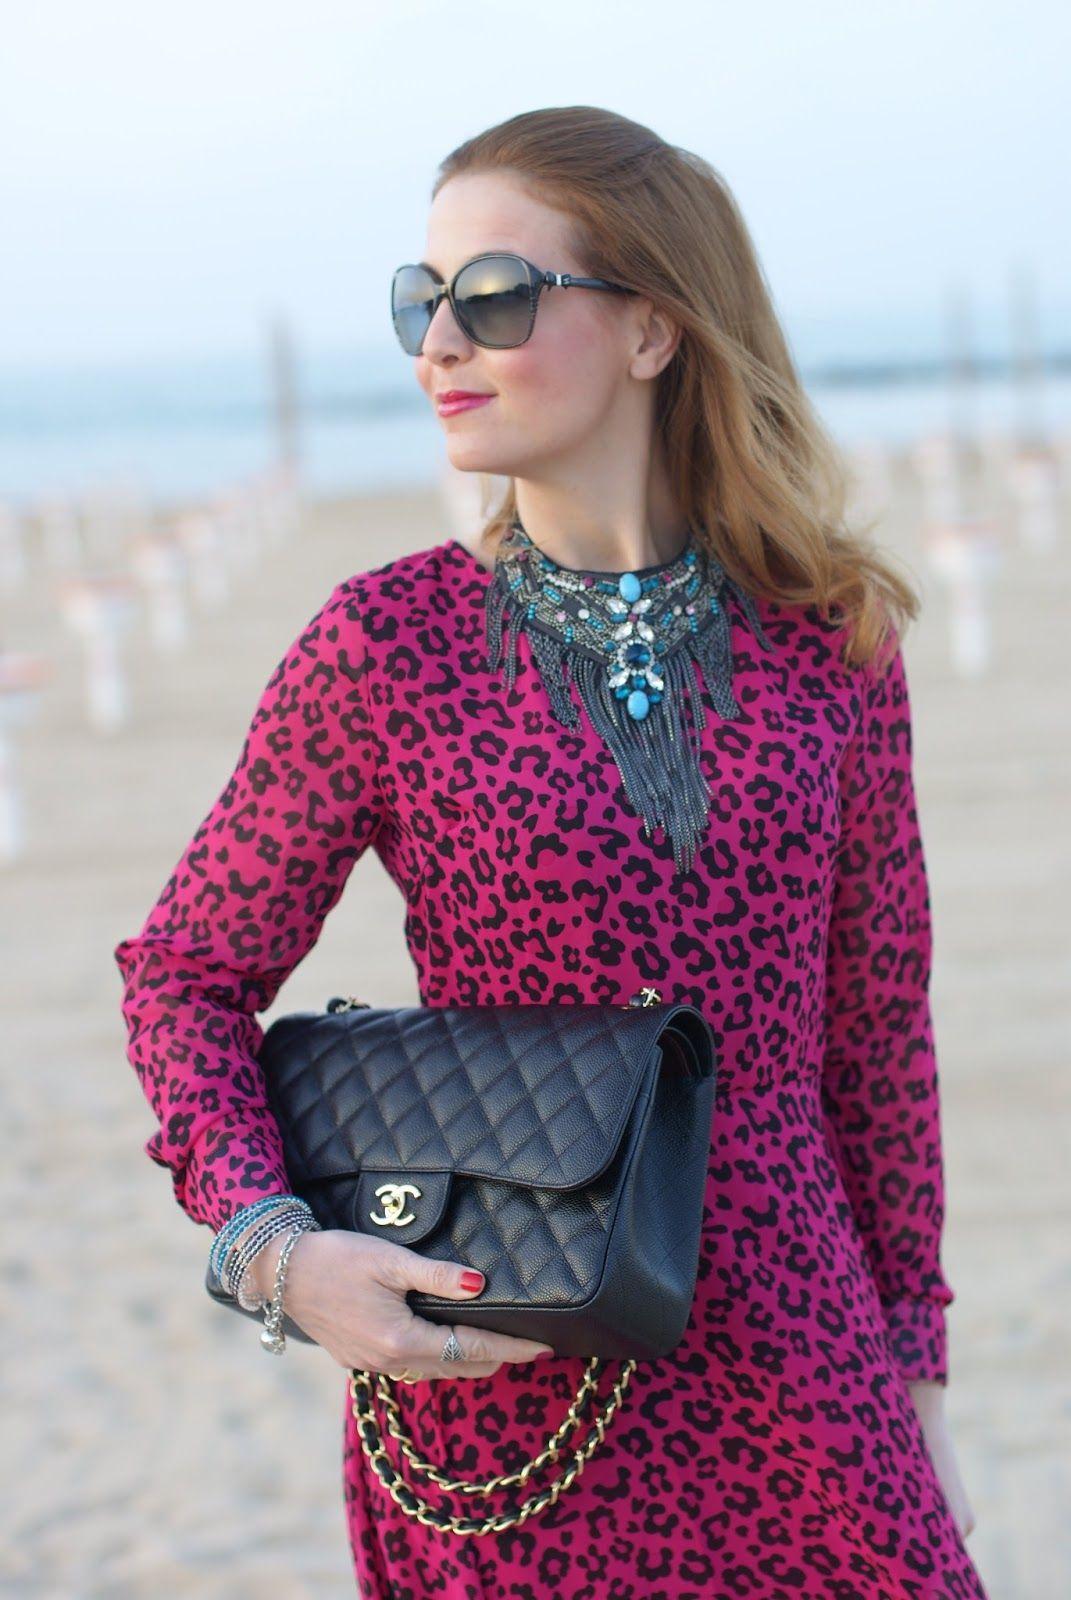 SimonaB Bijoux necklace